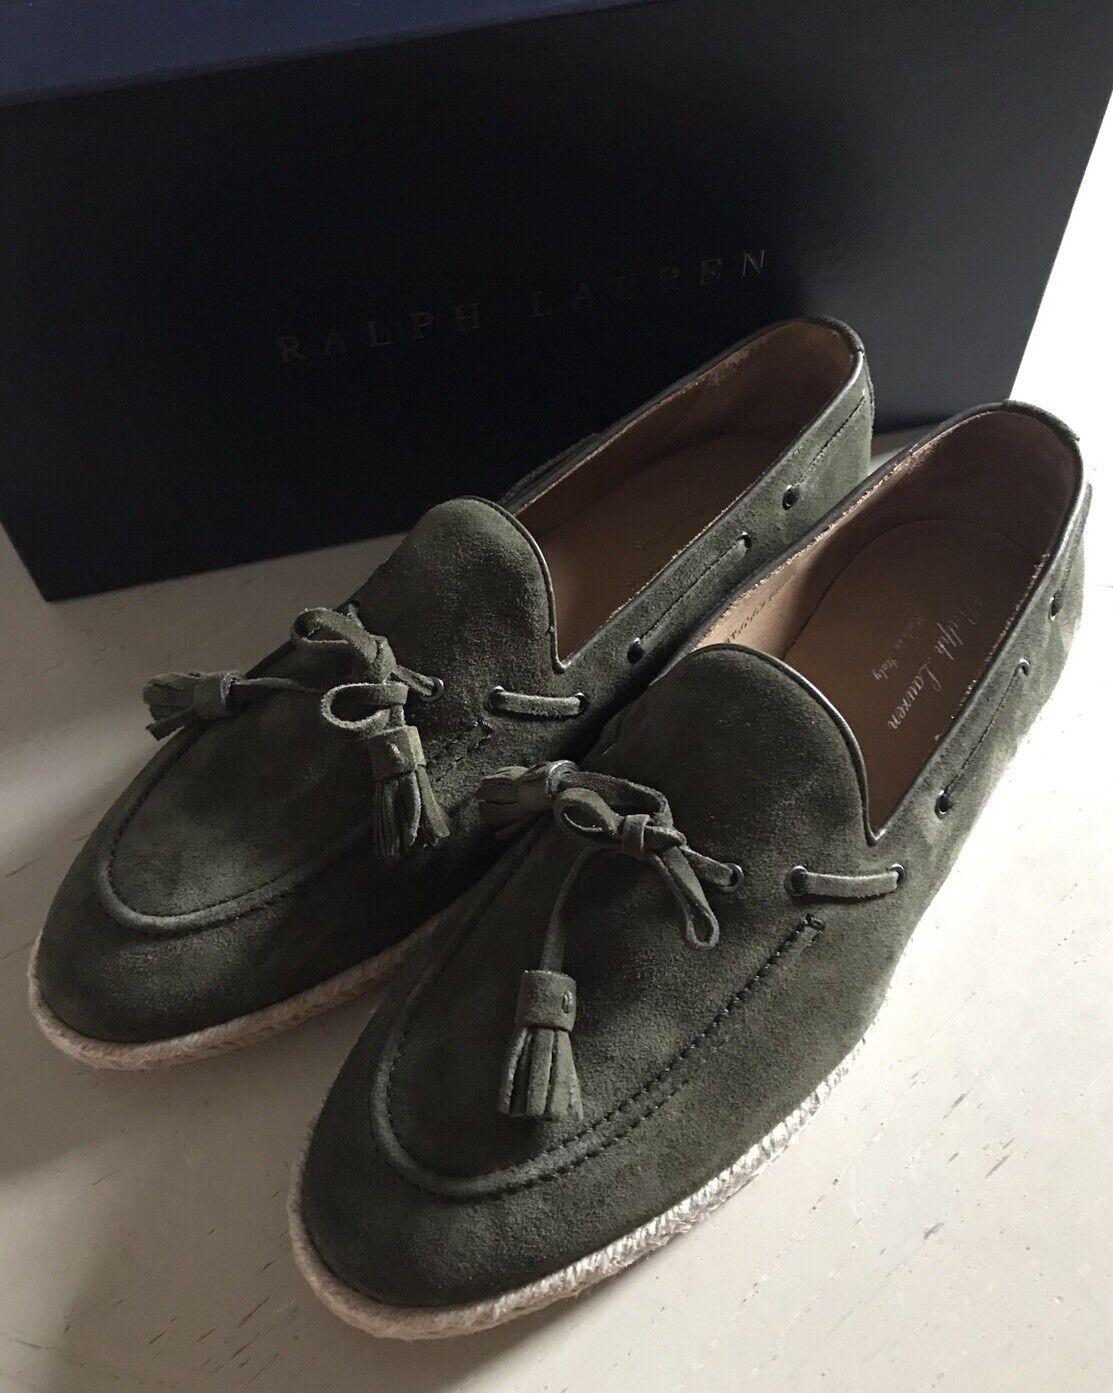 New 495 Men's Ralph Lauren Purple Label Calf Suede Loafers Shoes Green 7.5 US